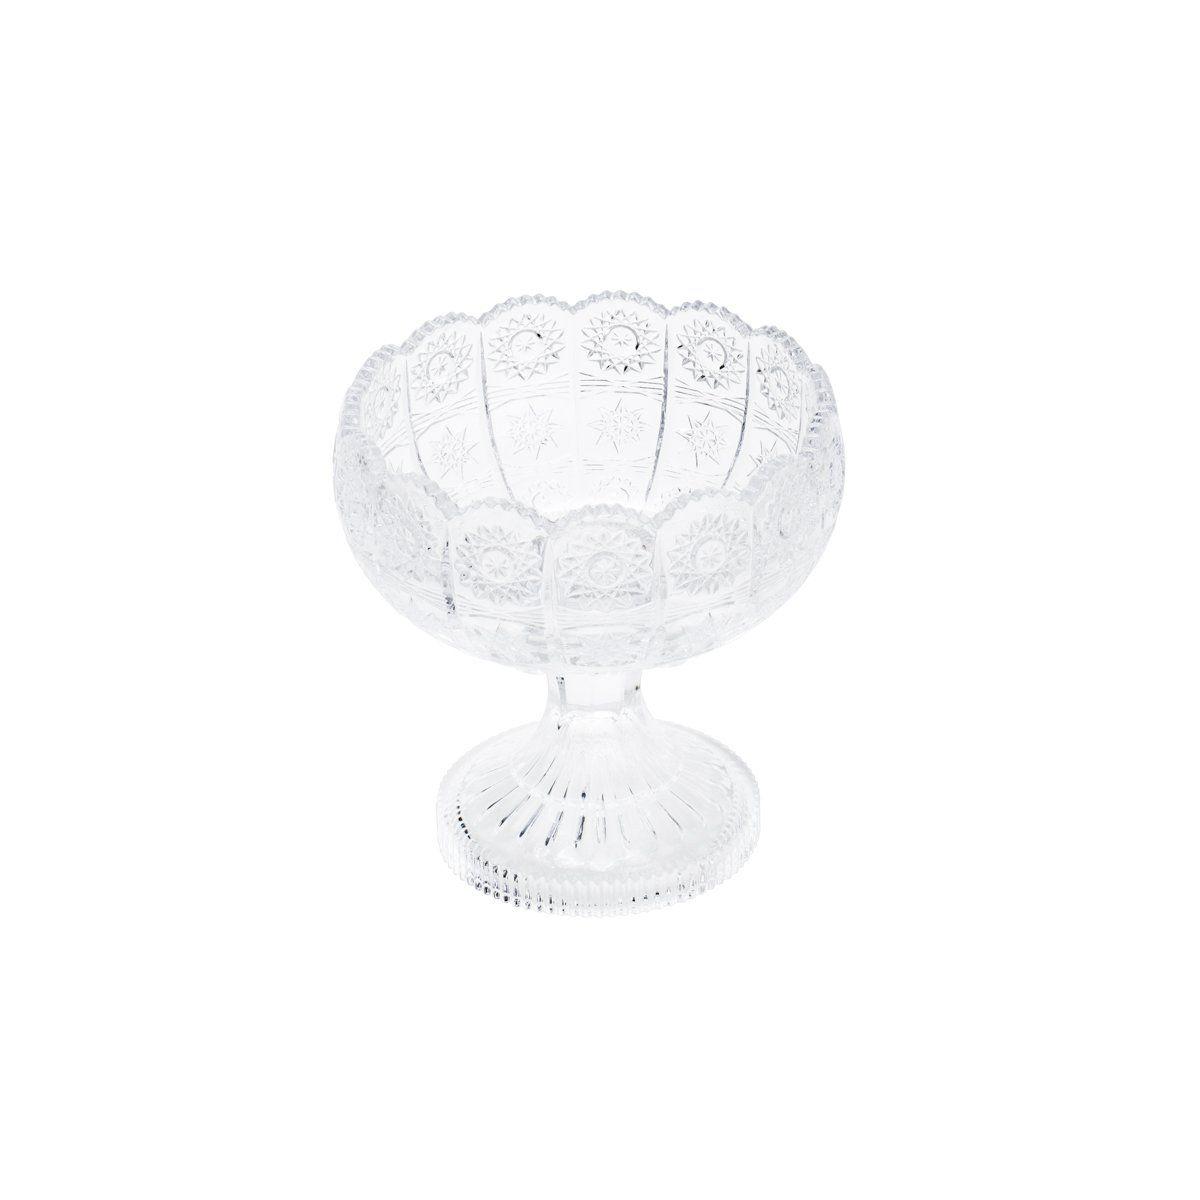 Fruteira 16,5 cm de cristal transparente com pé Starry Wolff - 25619